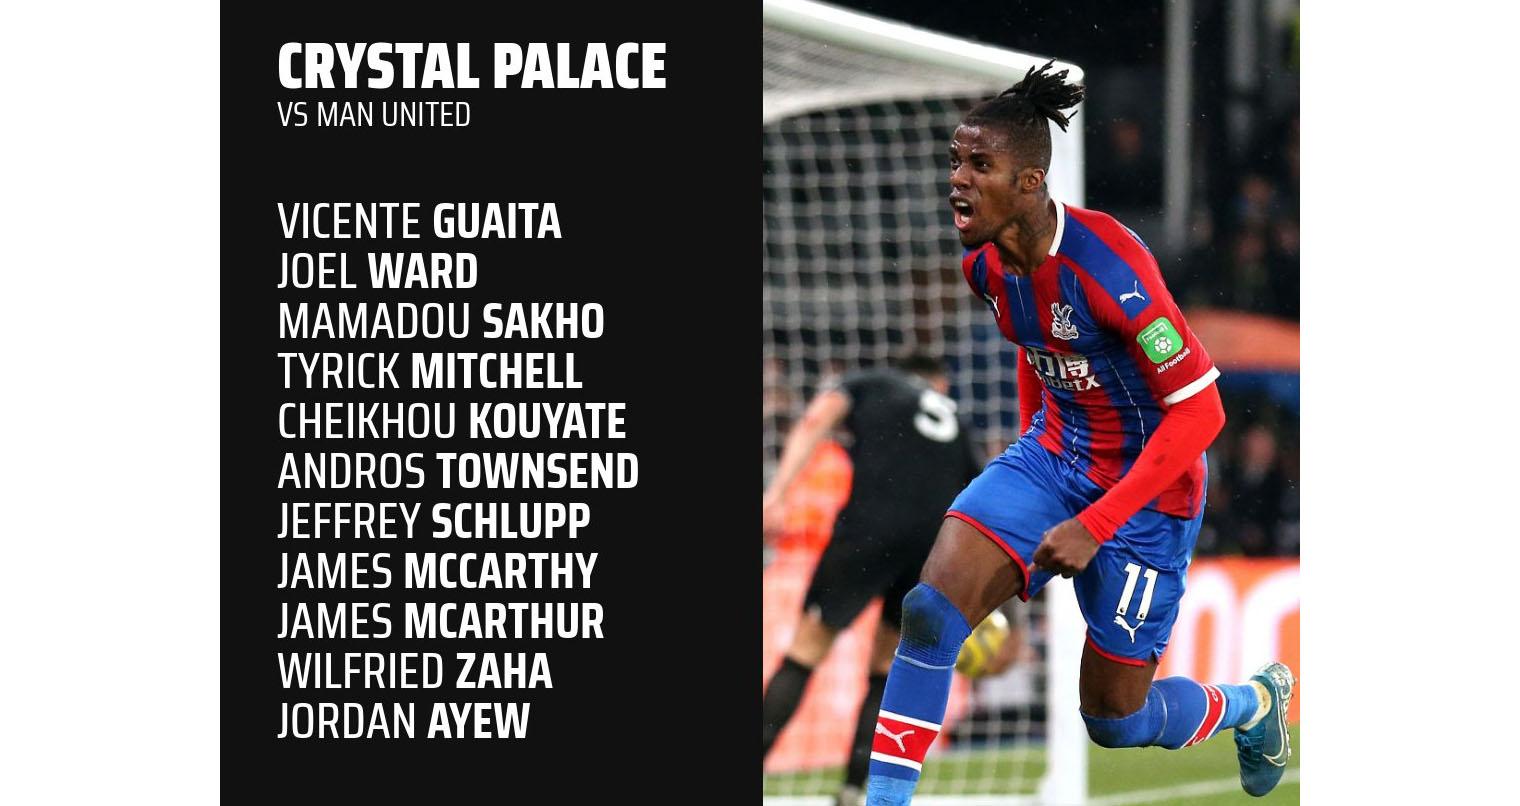 MU đấu với Crystal Palace, MU vs Crystal Palace, trực tiếp MU đấu với Crystal Palace, trực tiếp MU vs Crystal Palace, bóng đá, bóng đá hôm nay